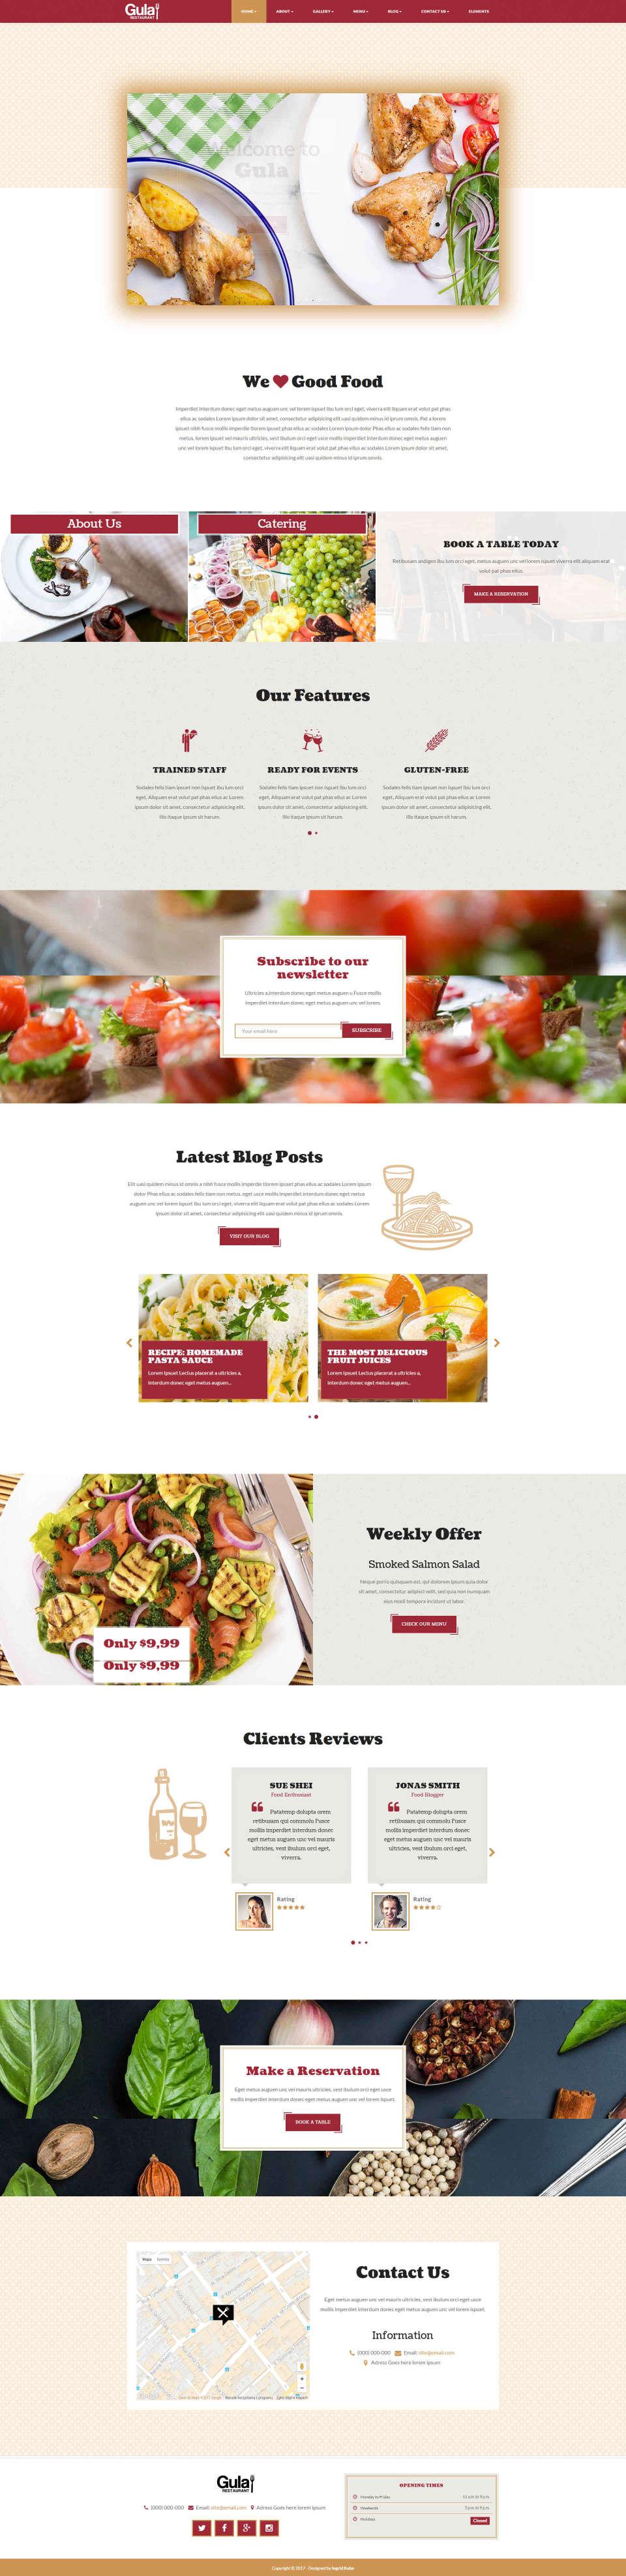 Responsywna strona internetowa dla firmy kateringowej lub prowadzącej restaurację lub kawiarnię